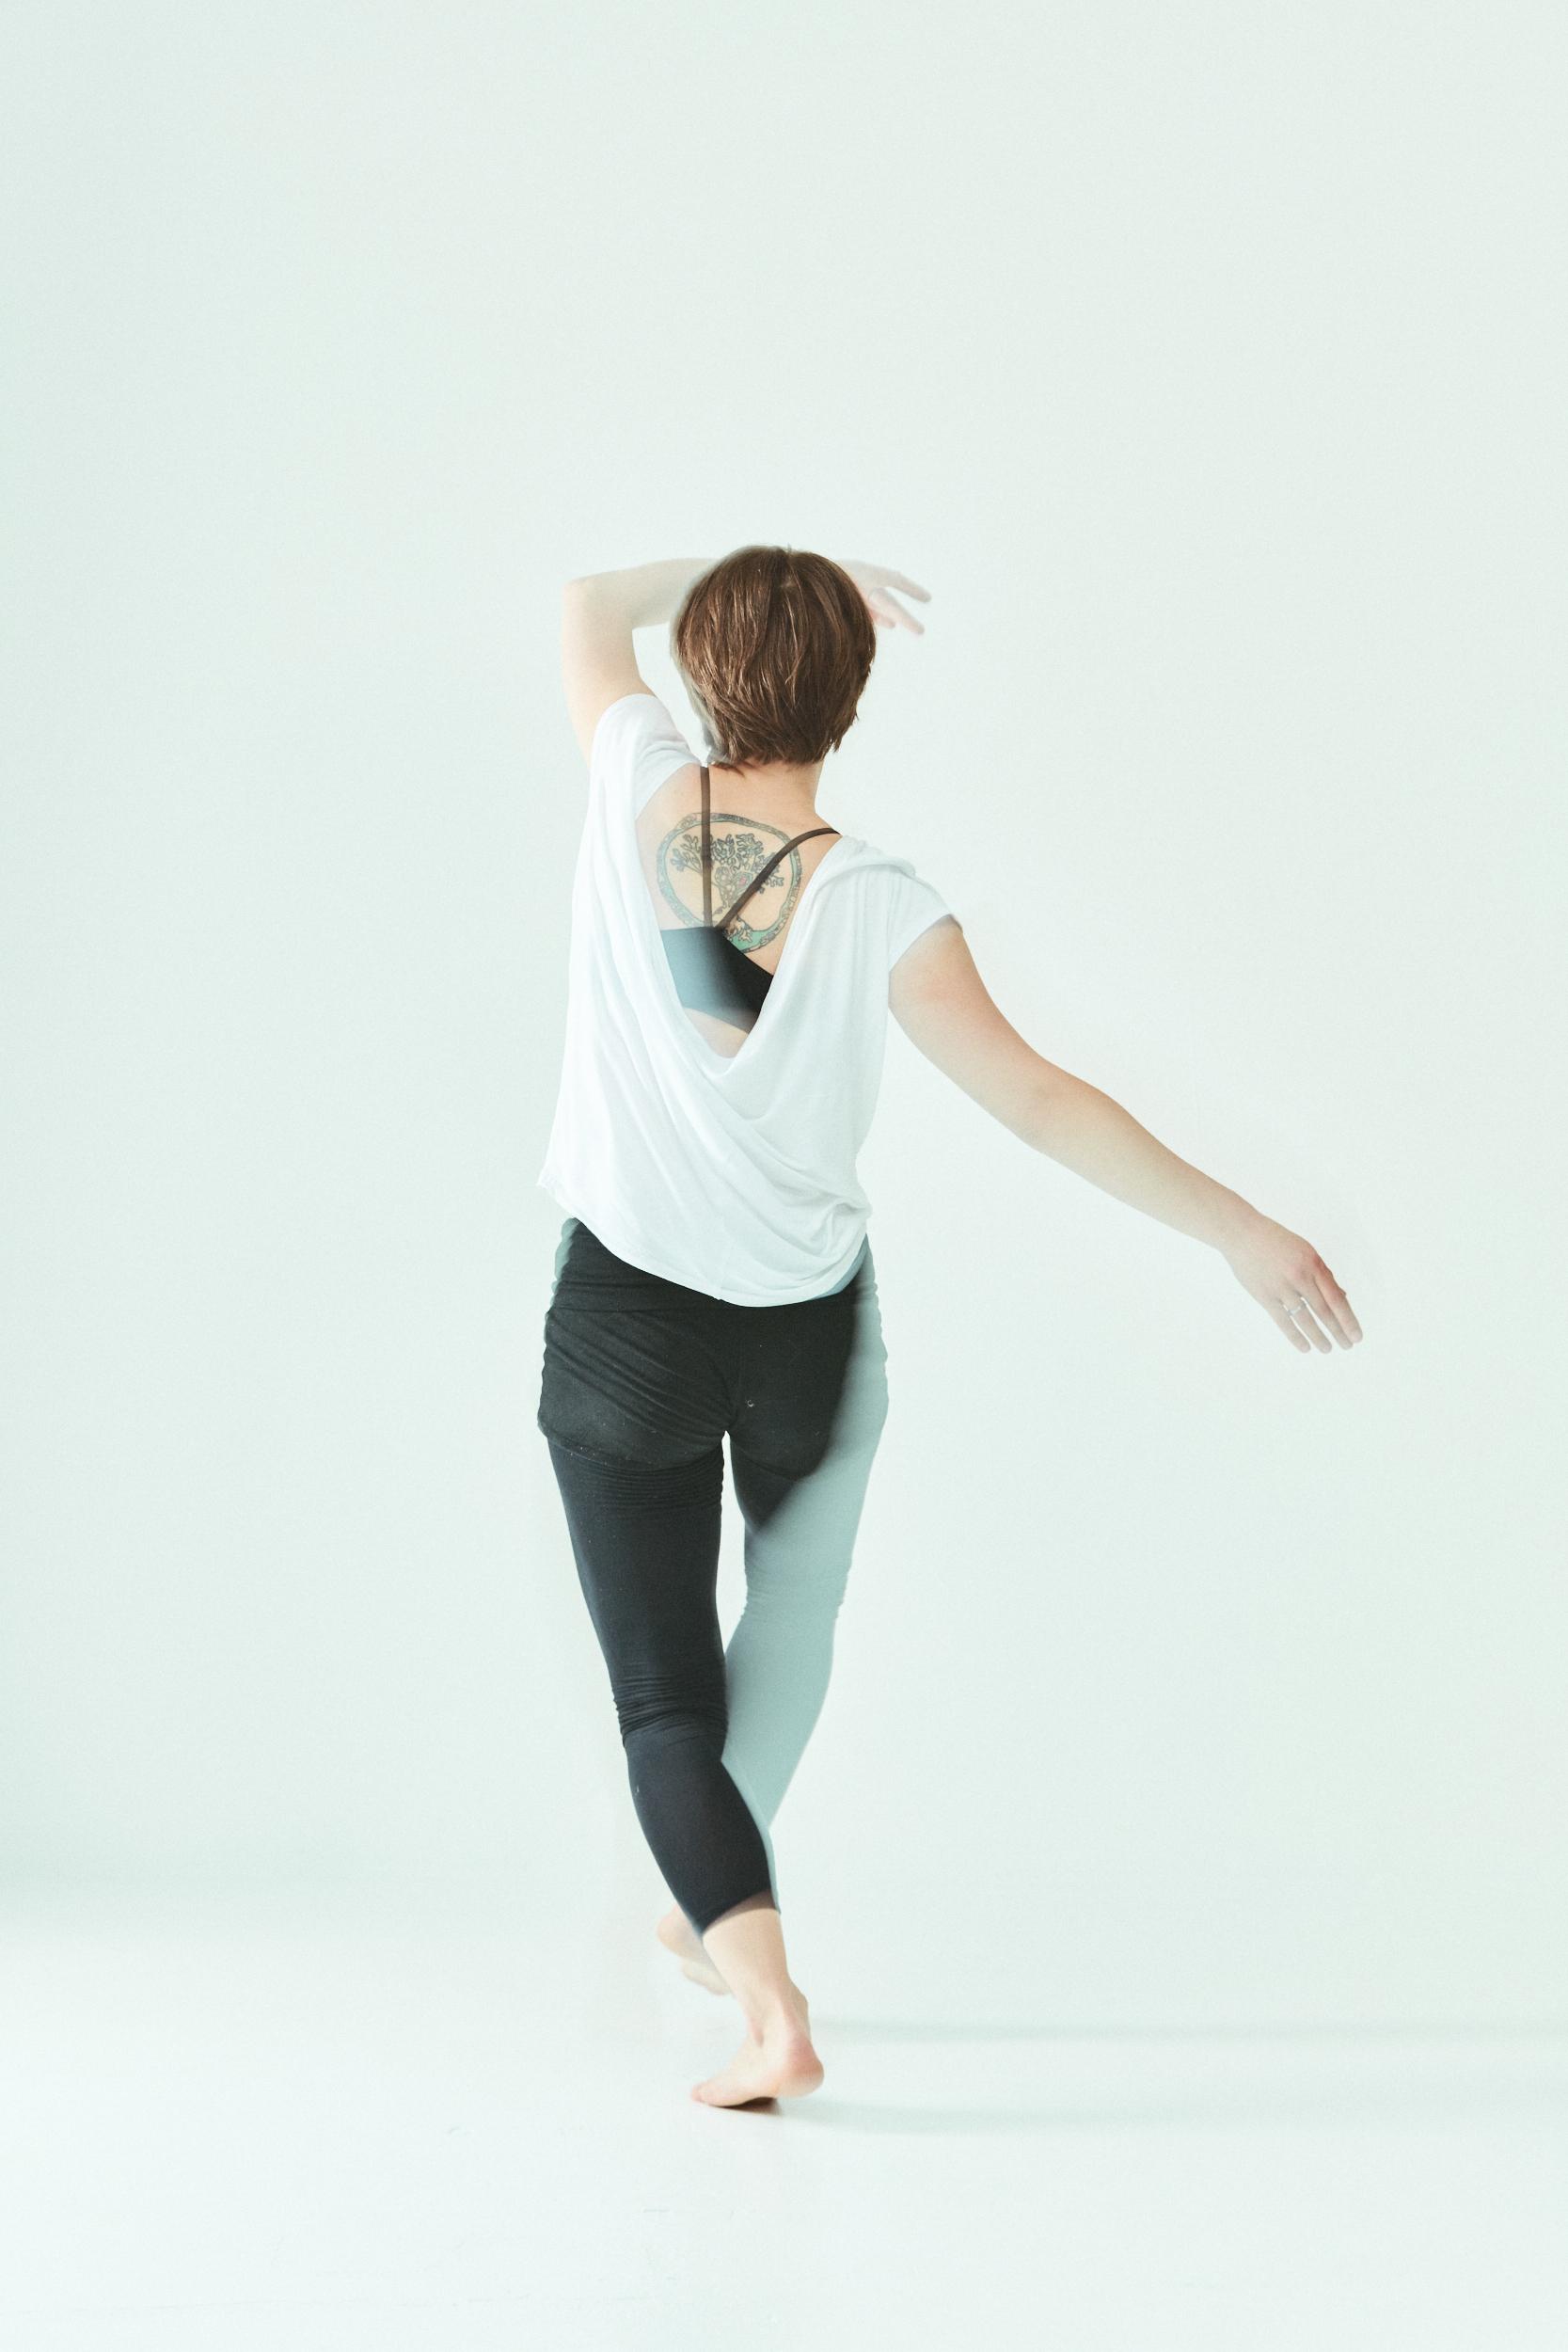 JLP_dancers_0024.jpg